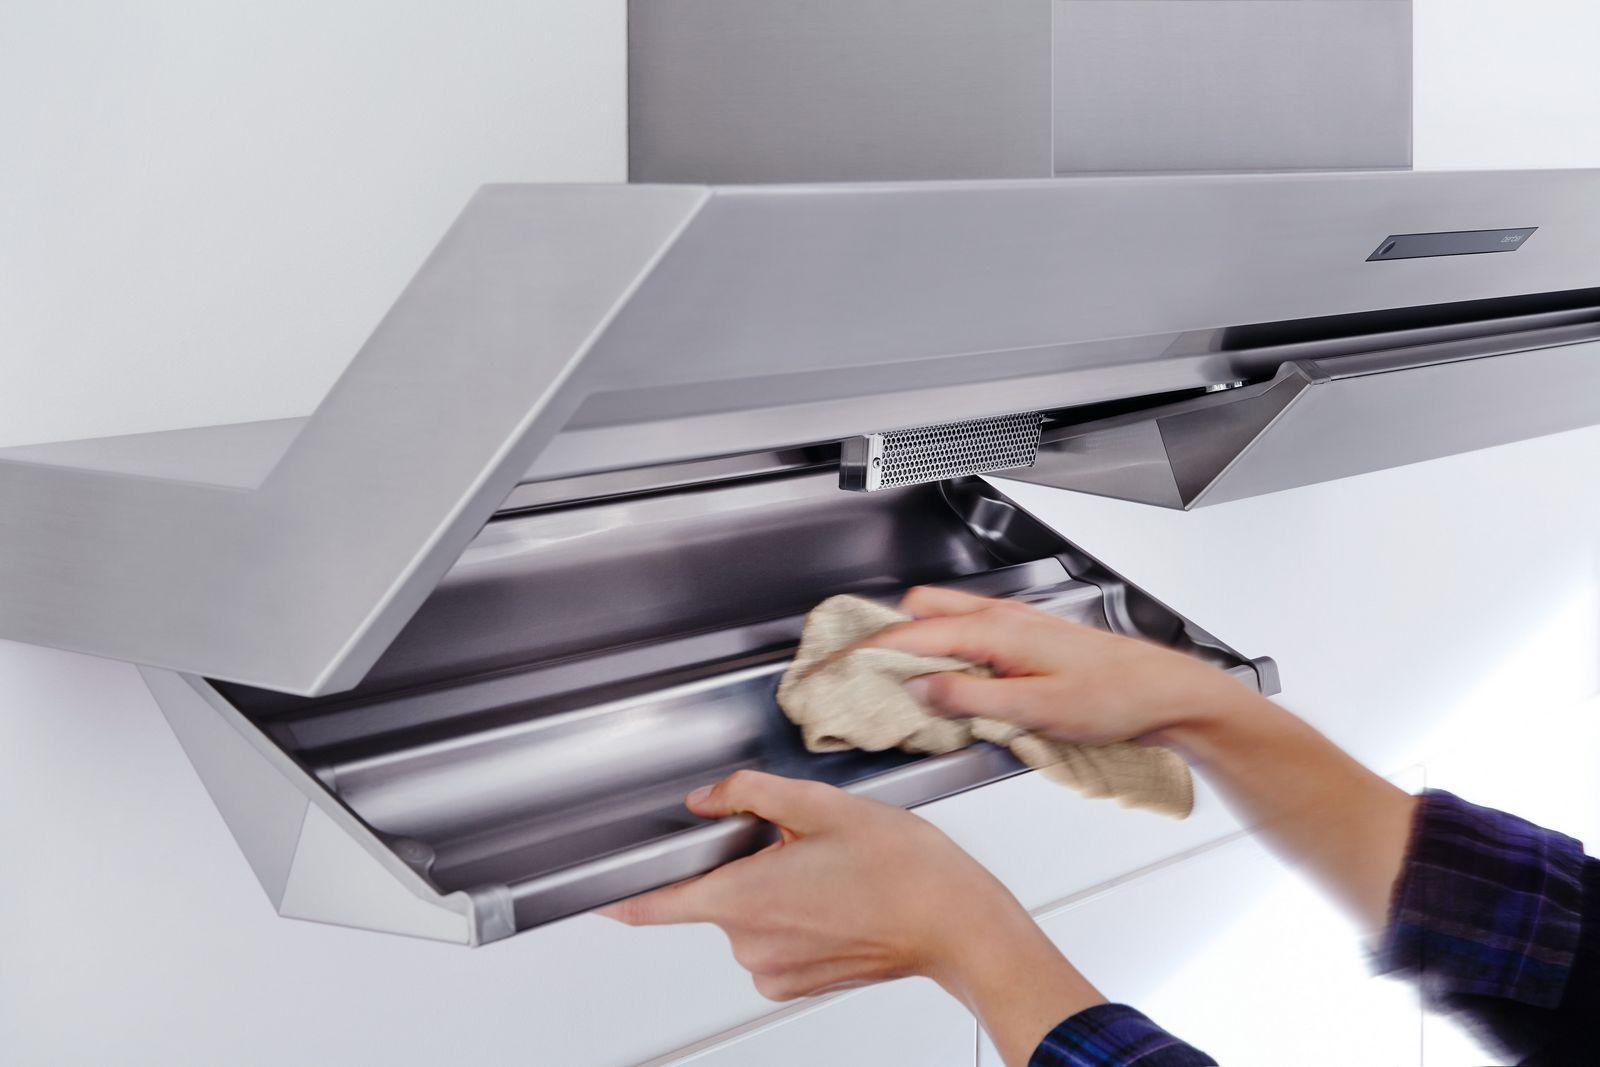 Как ухаживать за кухонной техникой - уход за вытяжкой